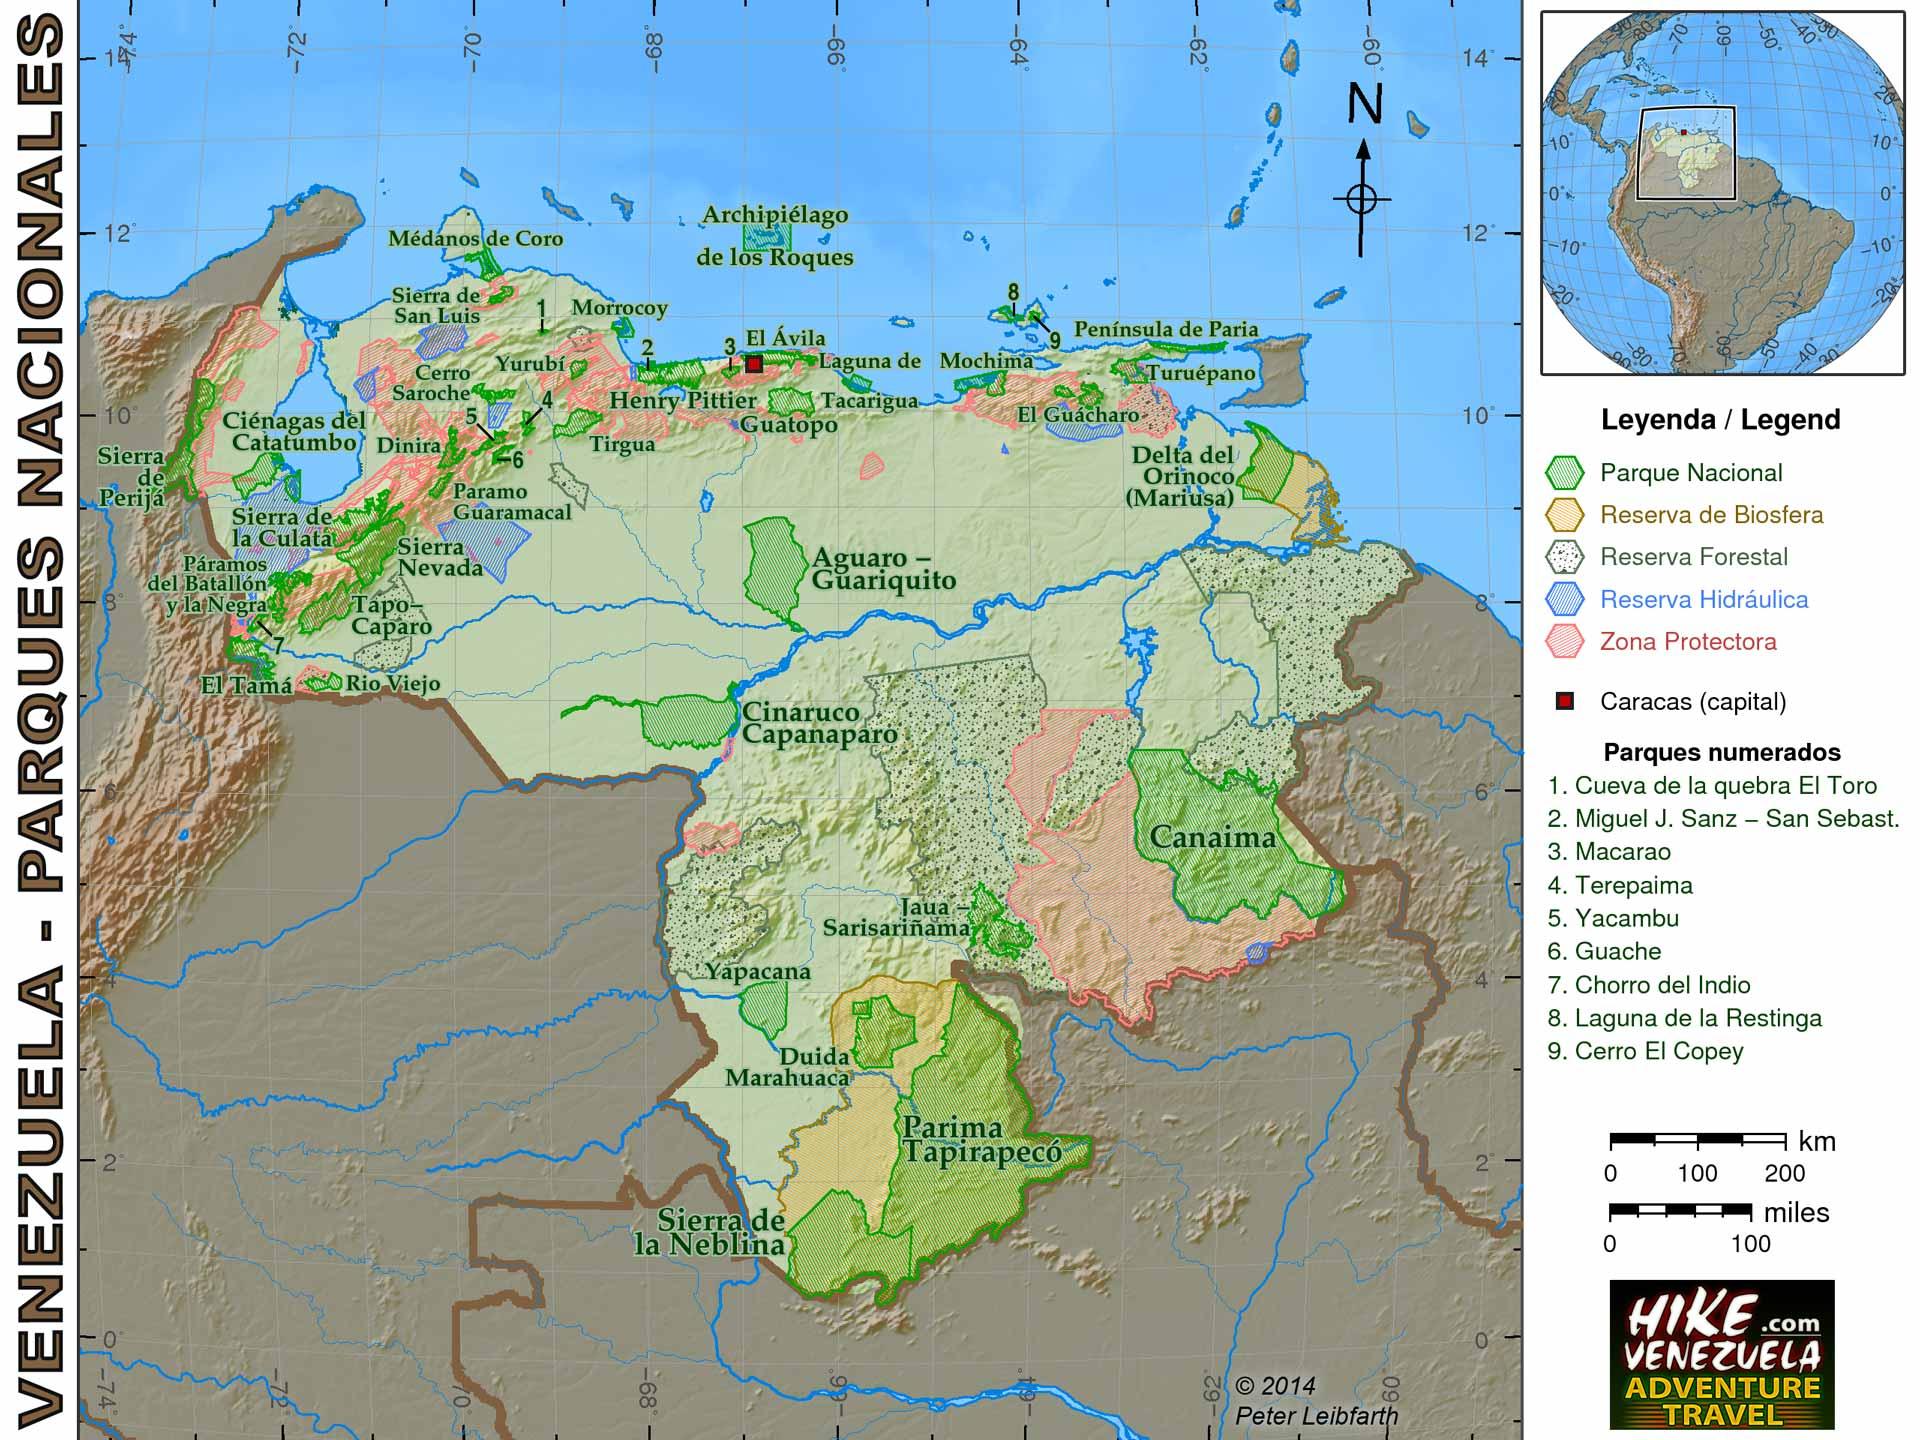 puerto cabello venezuela map, simple venezuela map, maracaibo venezuela map, porlamar venezuela map, merida venezuela map, ciudad bolivar venezuela map, valencia venezuela map, barquisimeto venezuela map, argentina and venezuela map, paria peninsula venezuela map, venezuela river map, los roques venezuela map, venezuela colombia map, caracas venezuela map, punto fijo venezuela map, venezuela south america map, la guaira venezuela map, puerto la cruz venezuela map, aruba venezuela map, venezuela on a map, on map of isla margarita venezuela